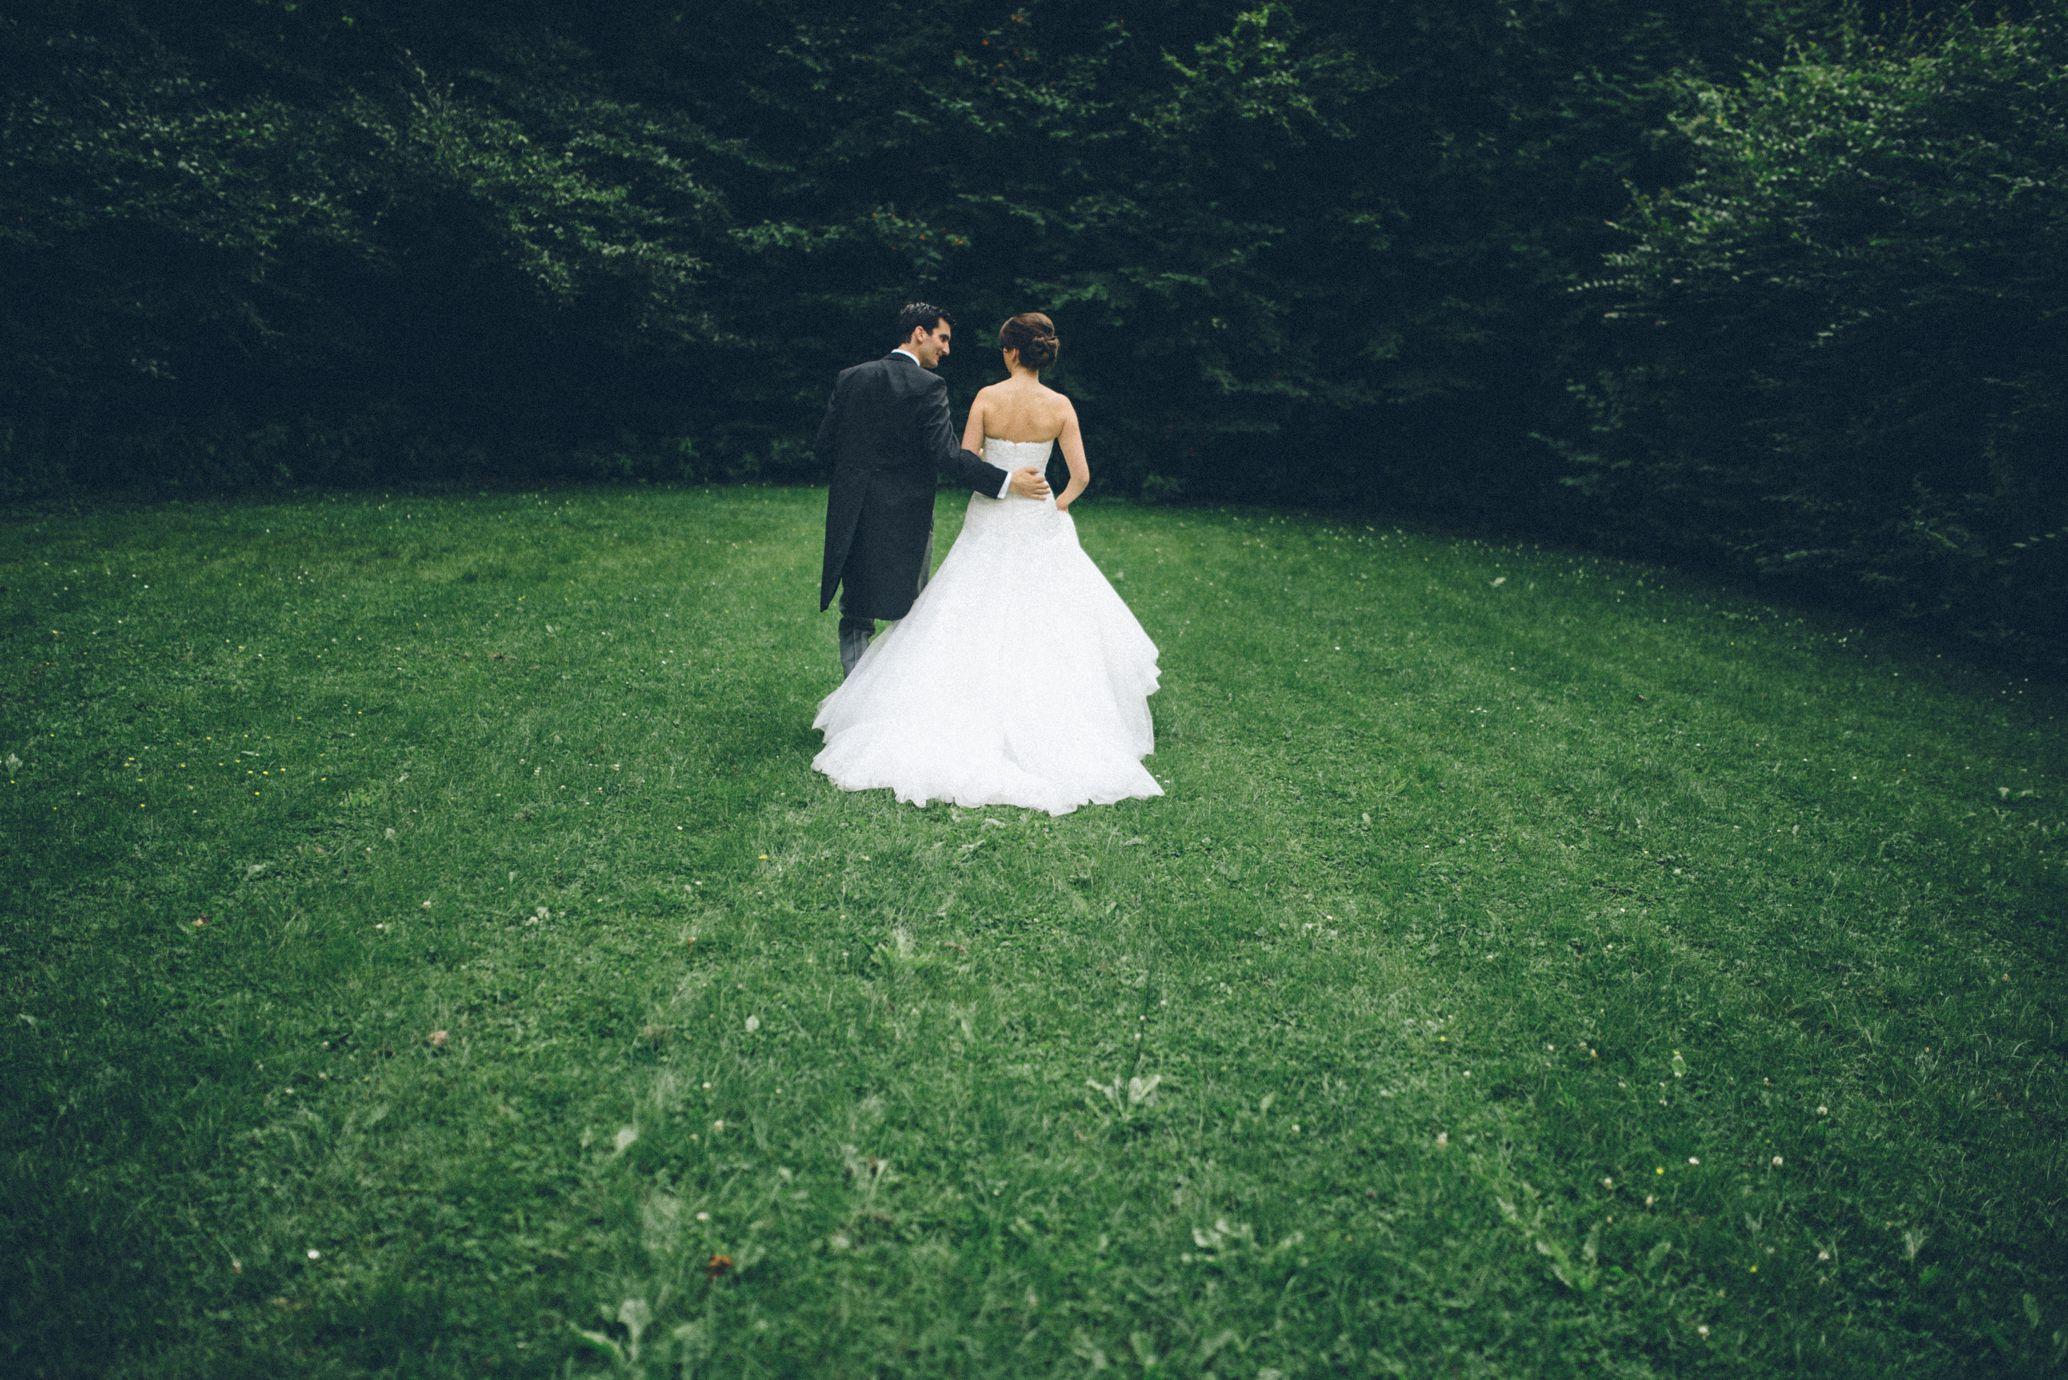 bruidsfotograaf breda_0042.jpg